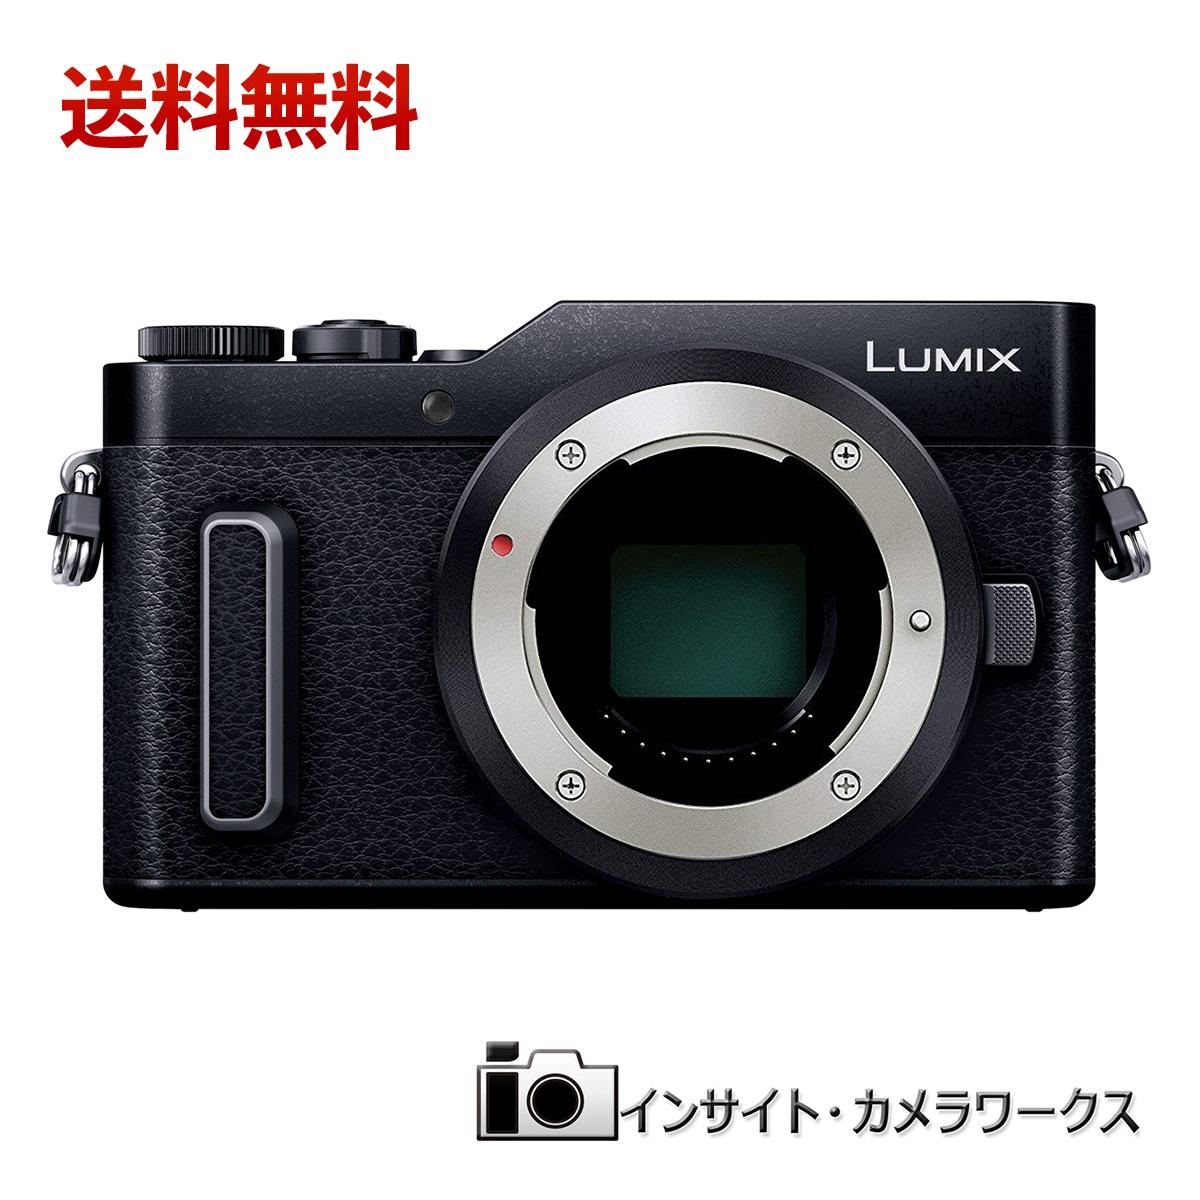 【特別価格】Panasonic LUMIX ミラーレス一眼カメラ GF10 ボディ ブラック パナソニック ルミックス